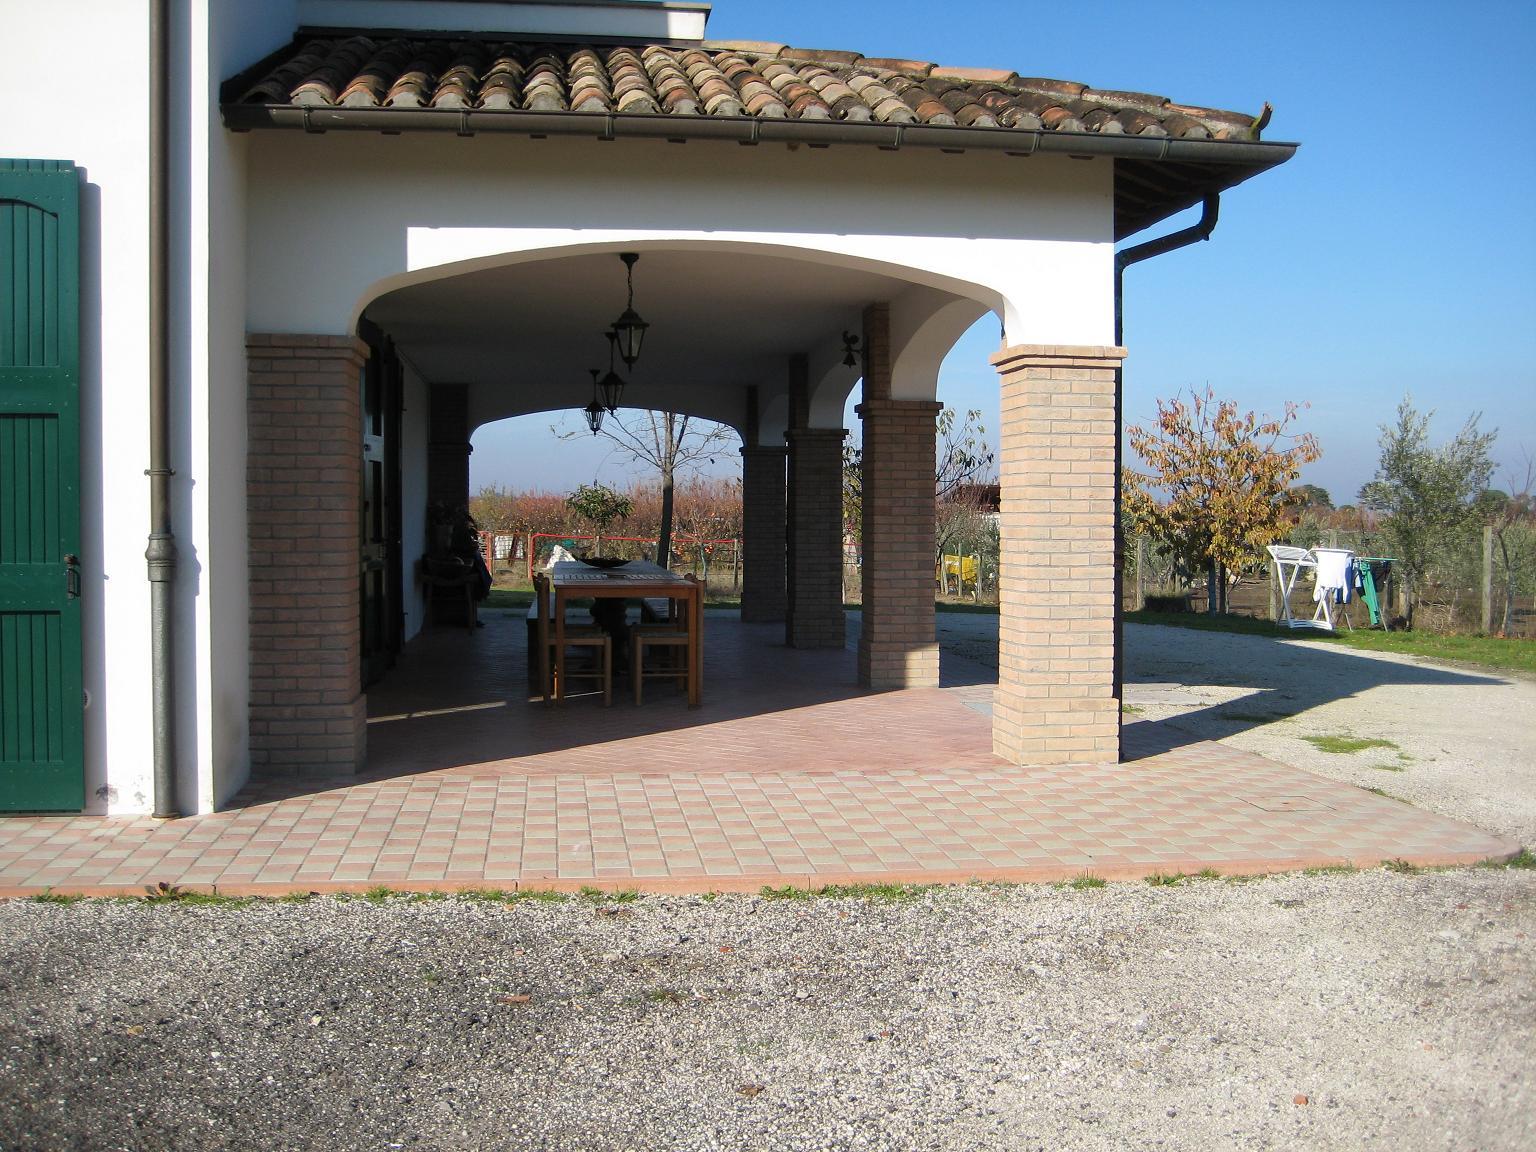 Affittasi location villa nelle campagne faentine faenza for Idee portico coloniale